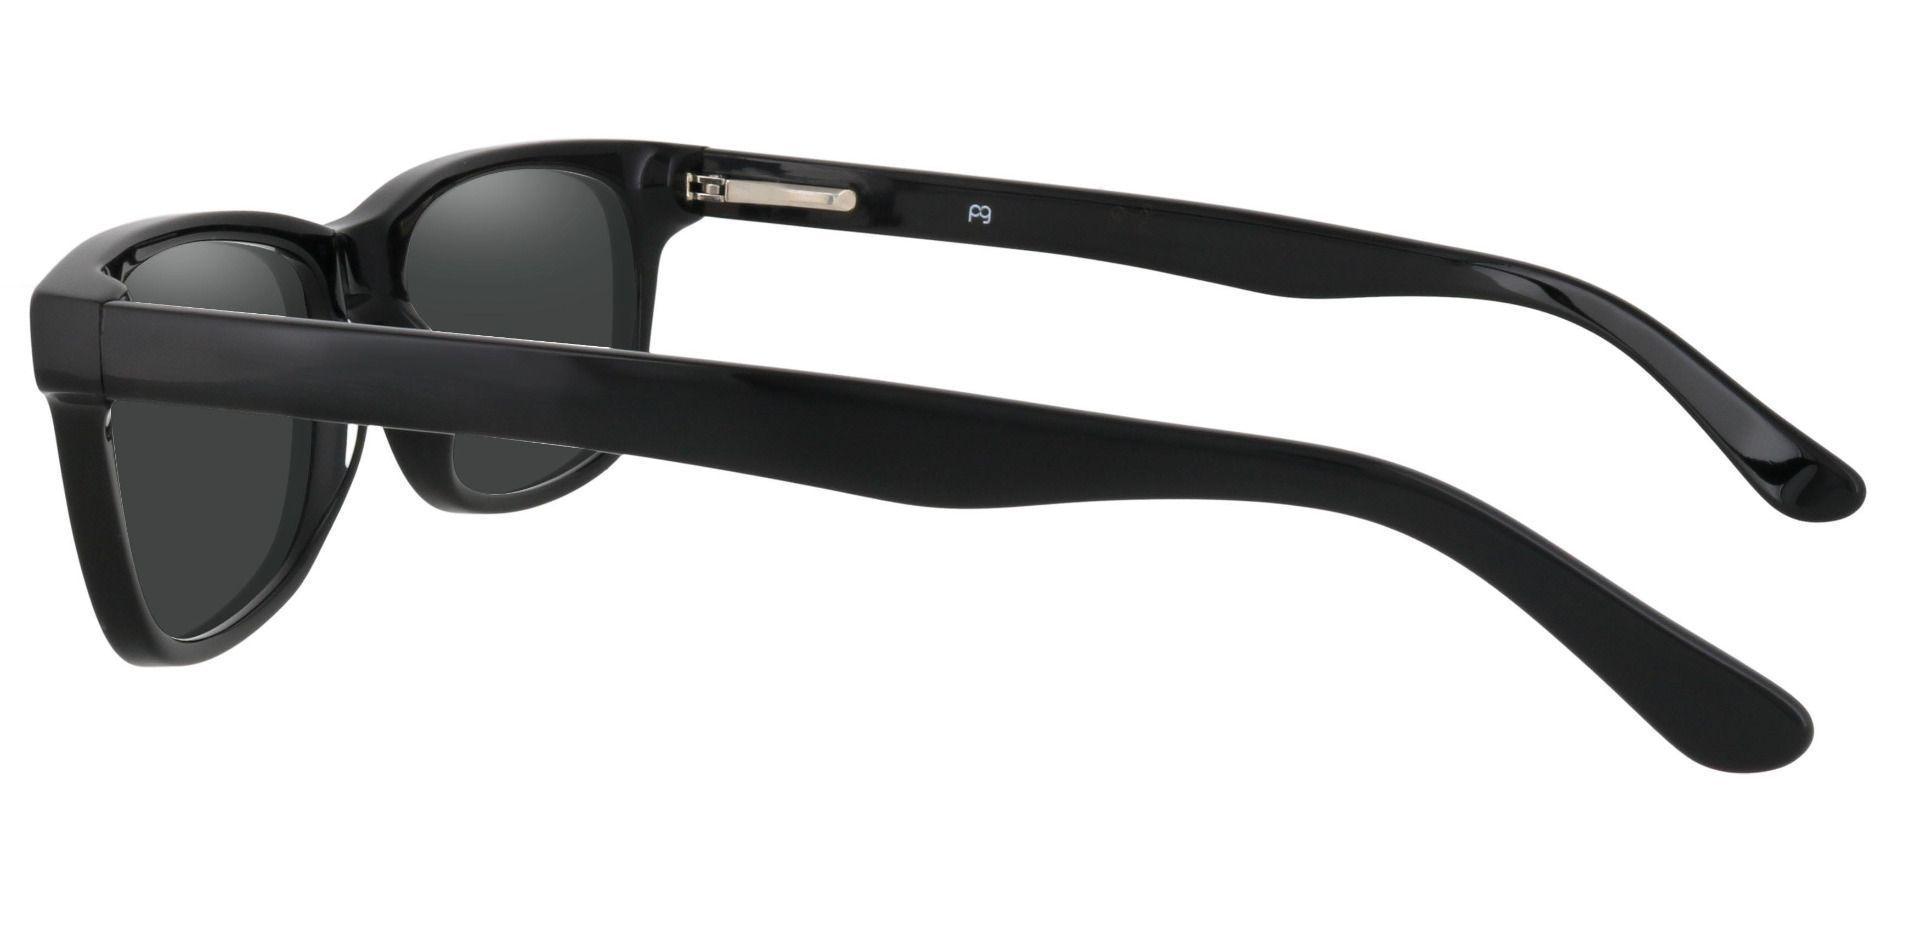 Hendrix Rectangle Progressive Sunglasses - Black Frame With Gray Lenses